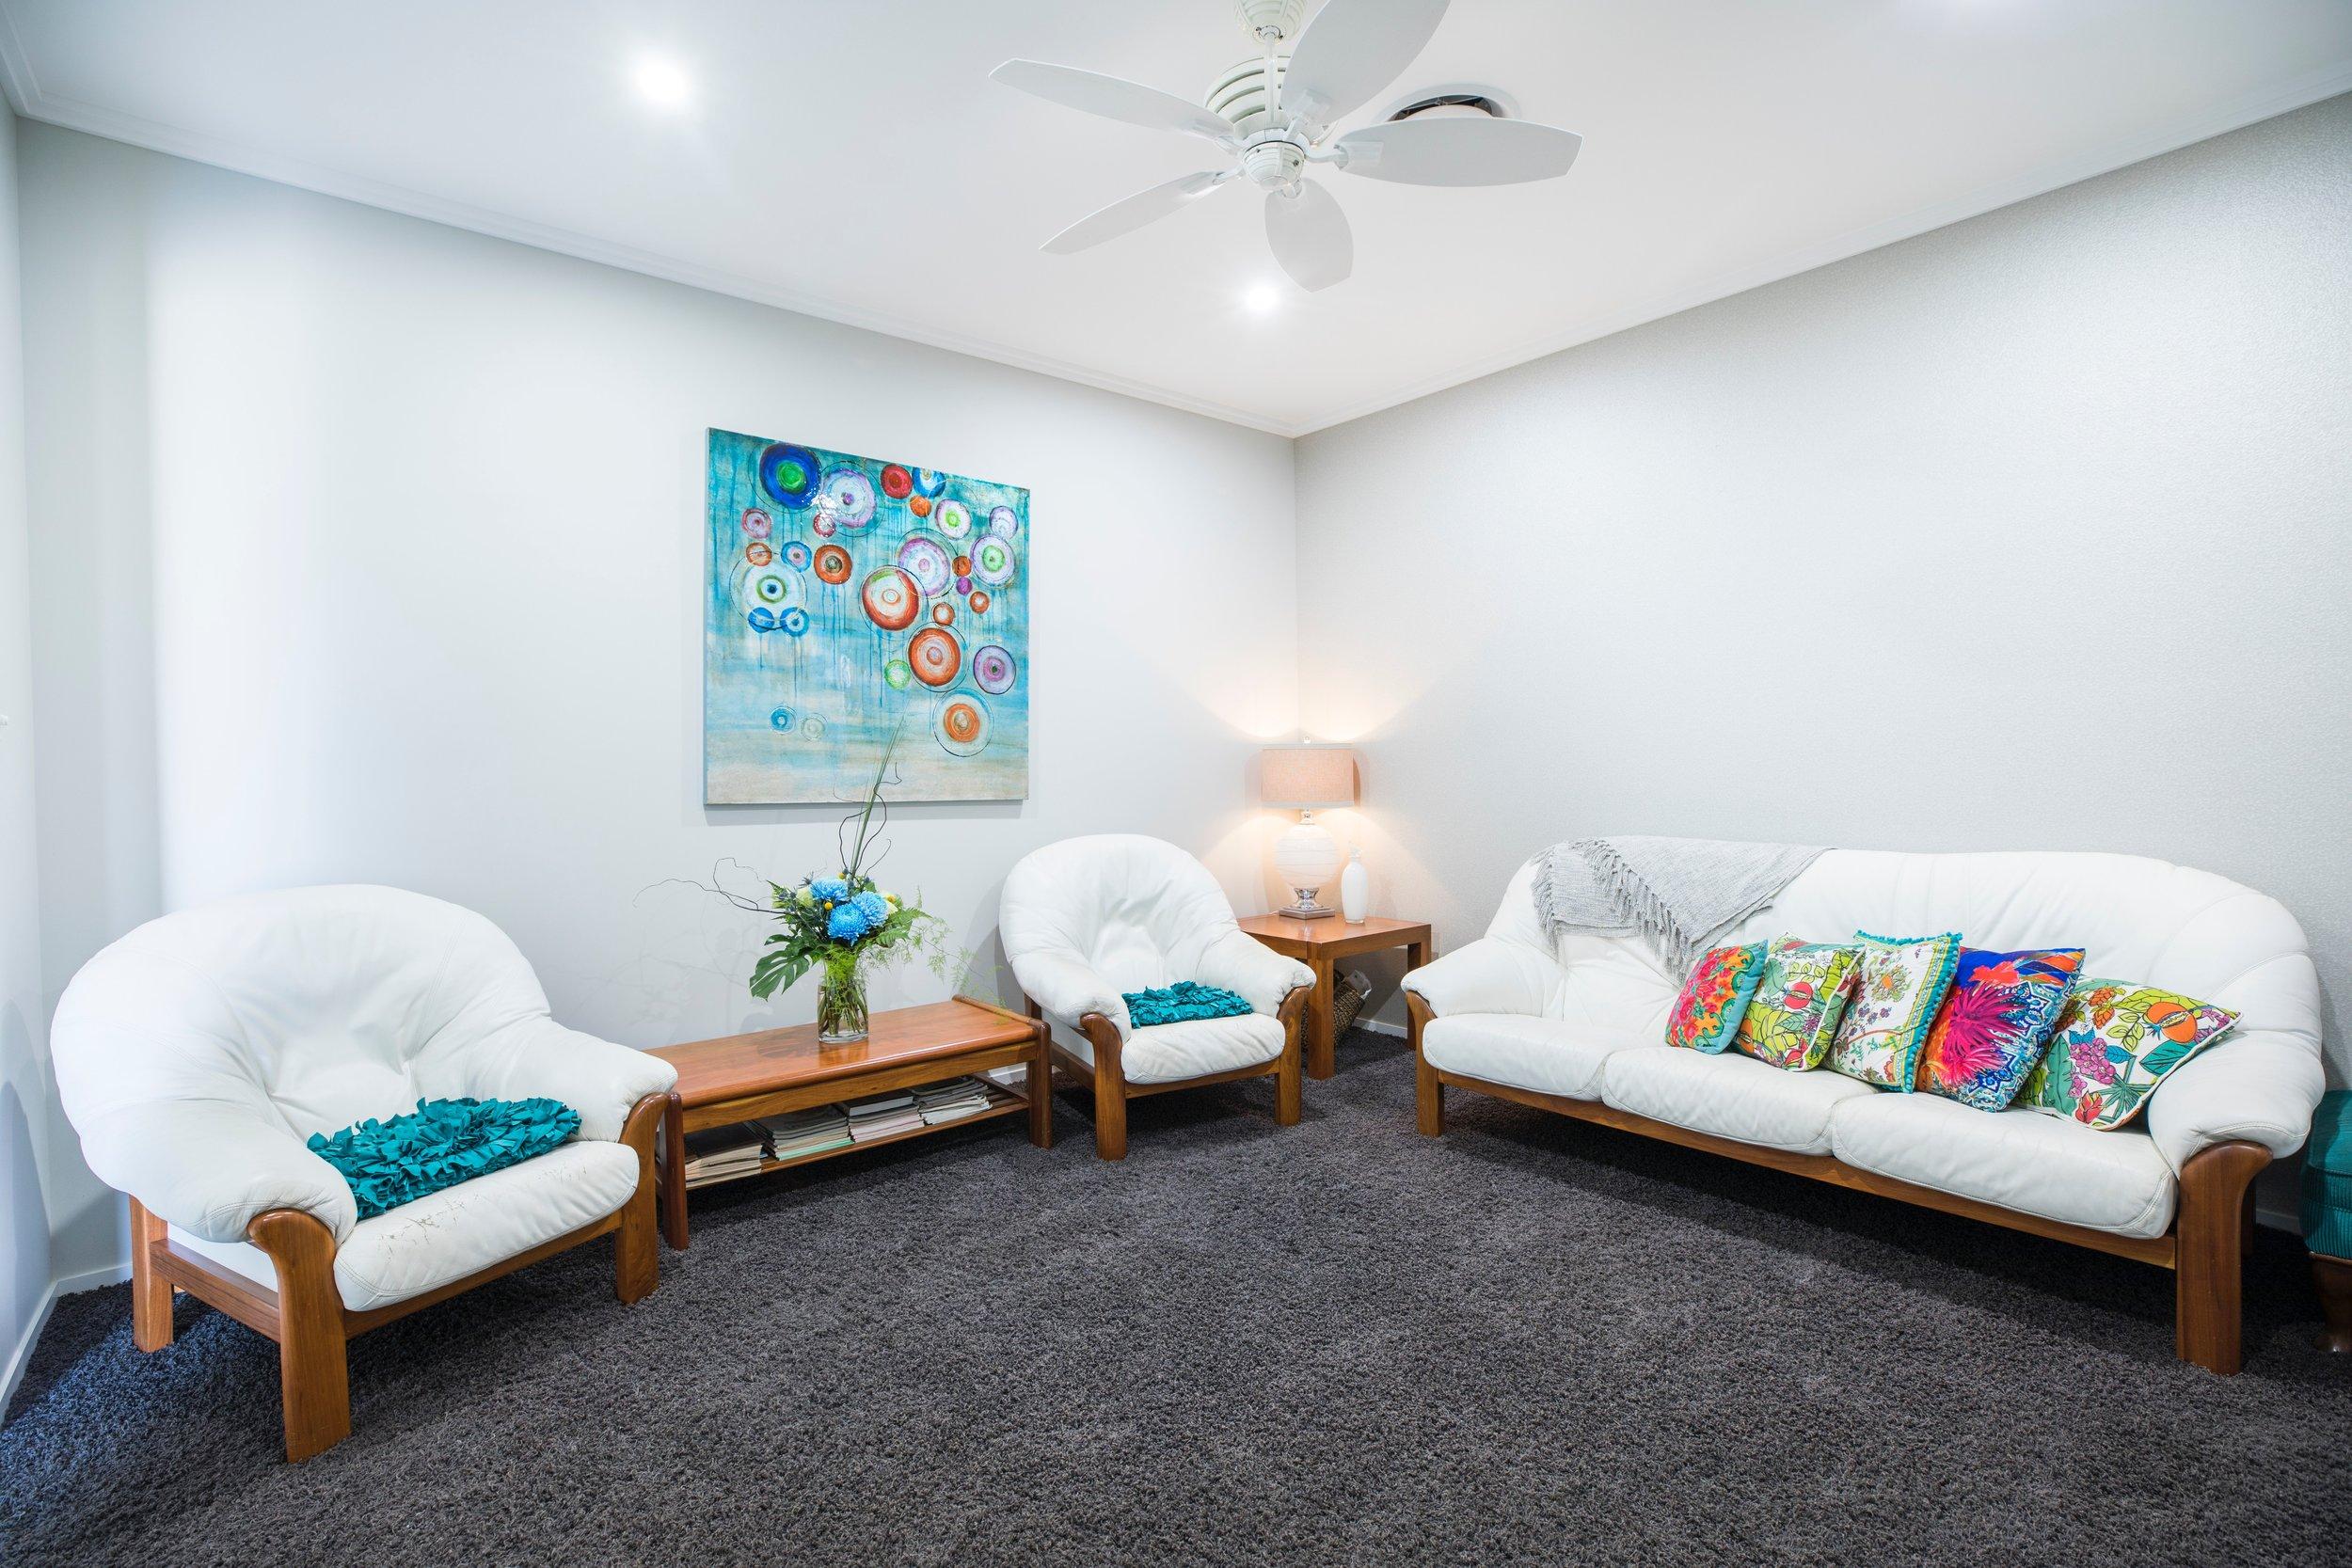 ceiling-clean-comfort-2806353.jpg